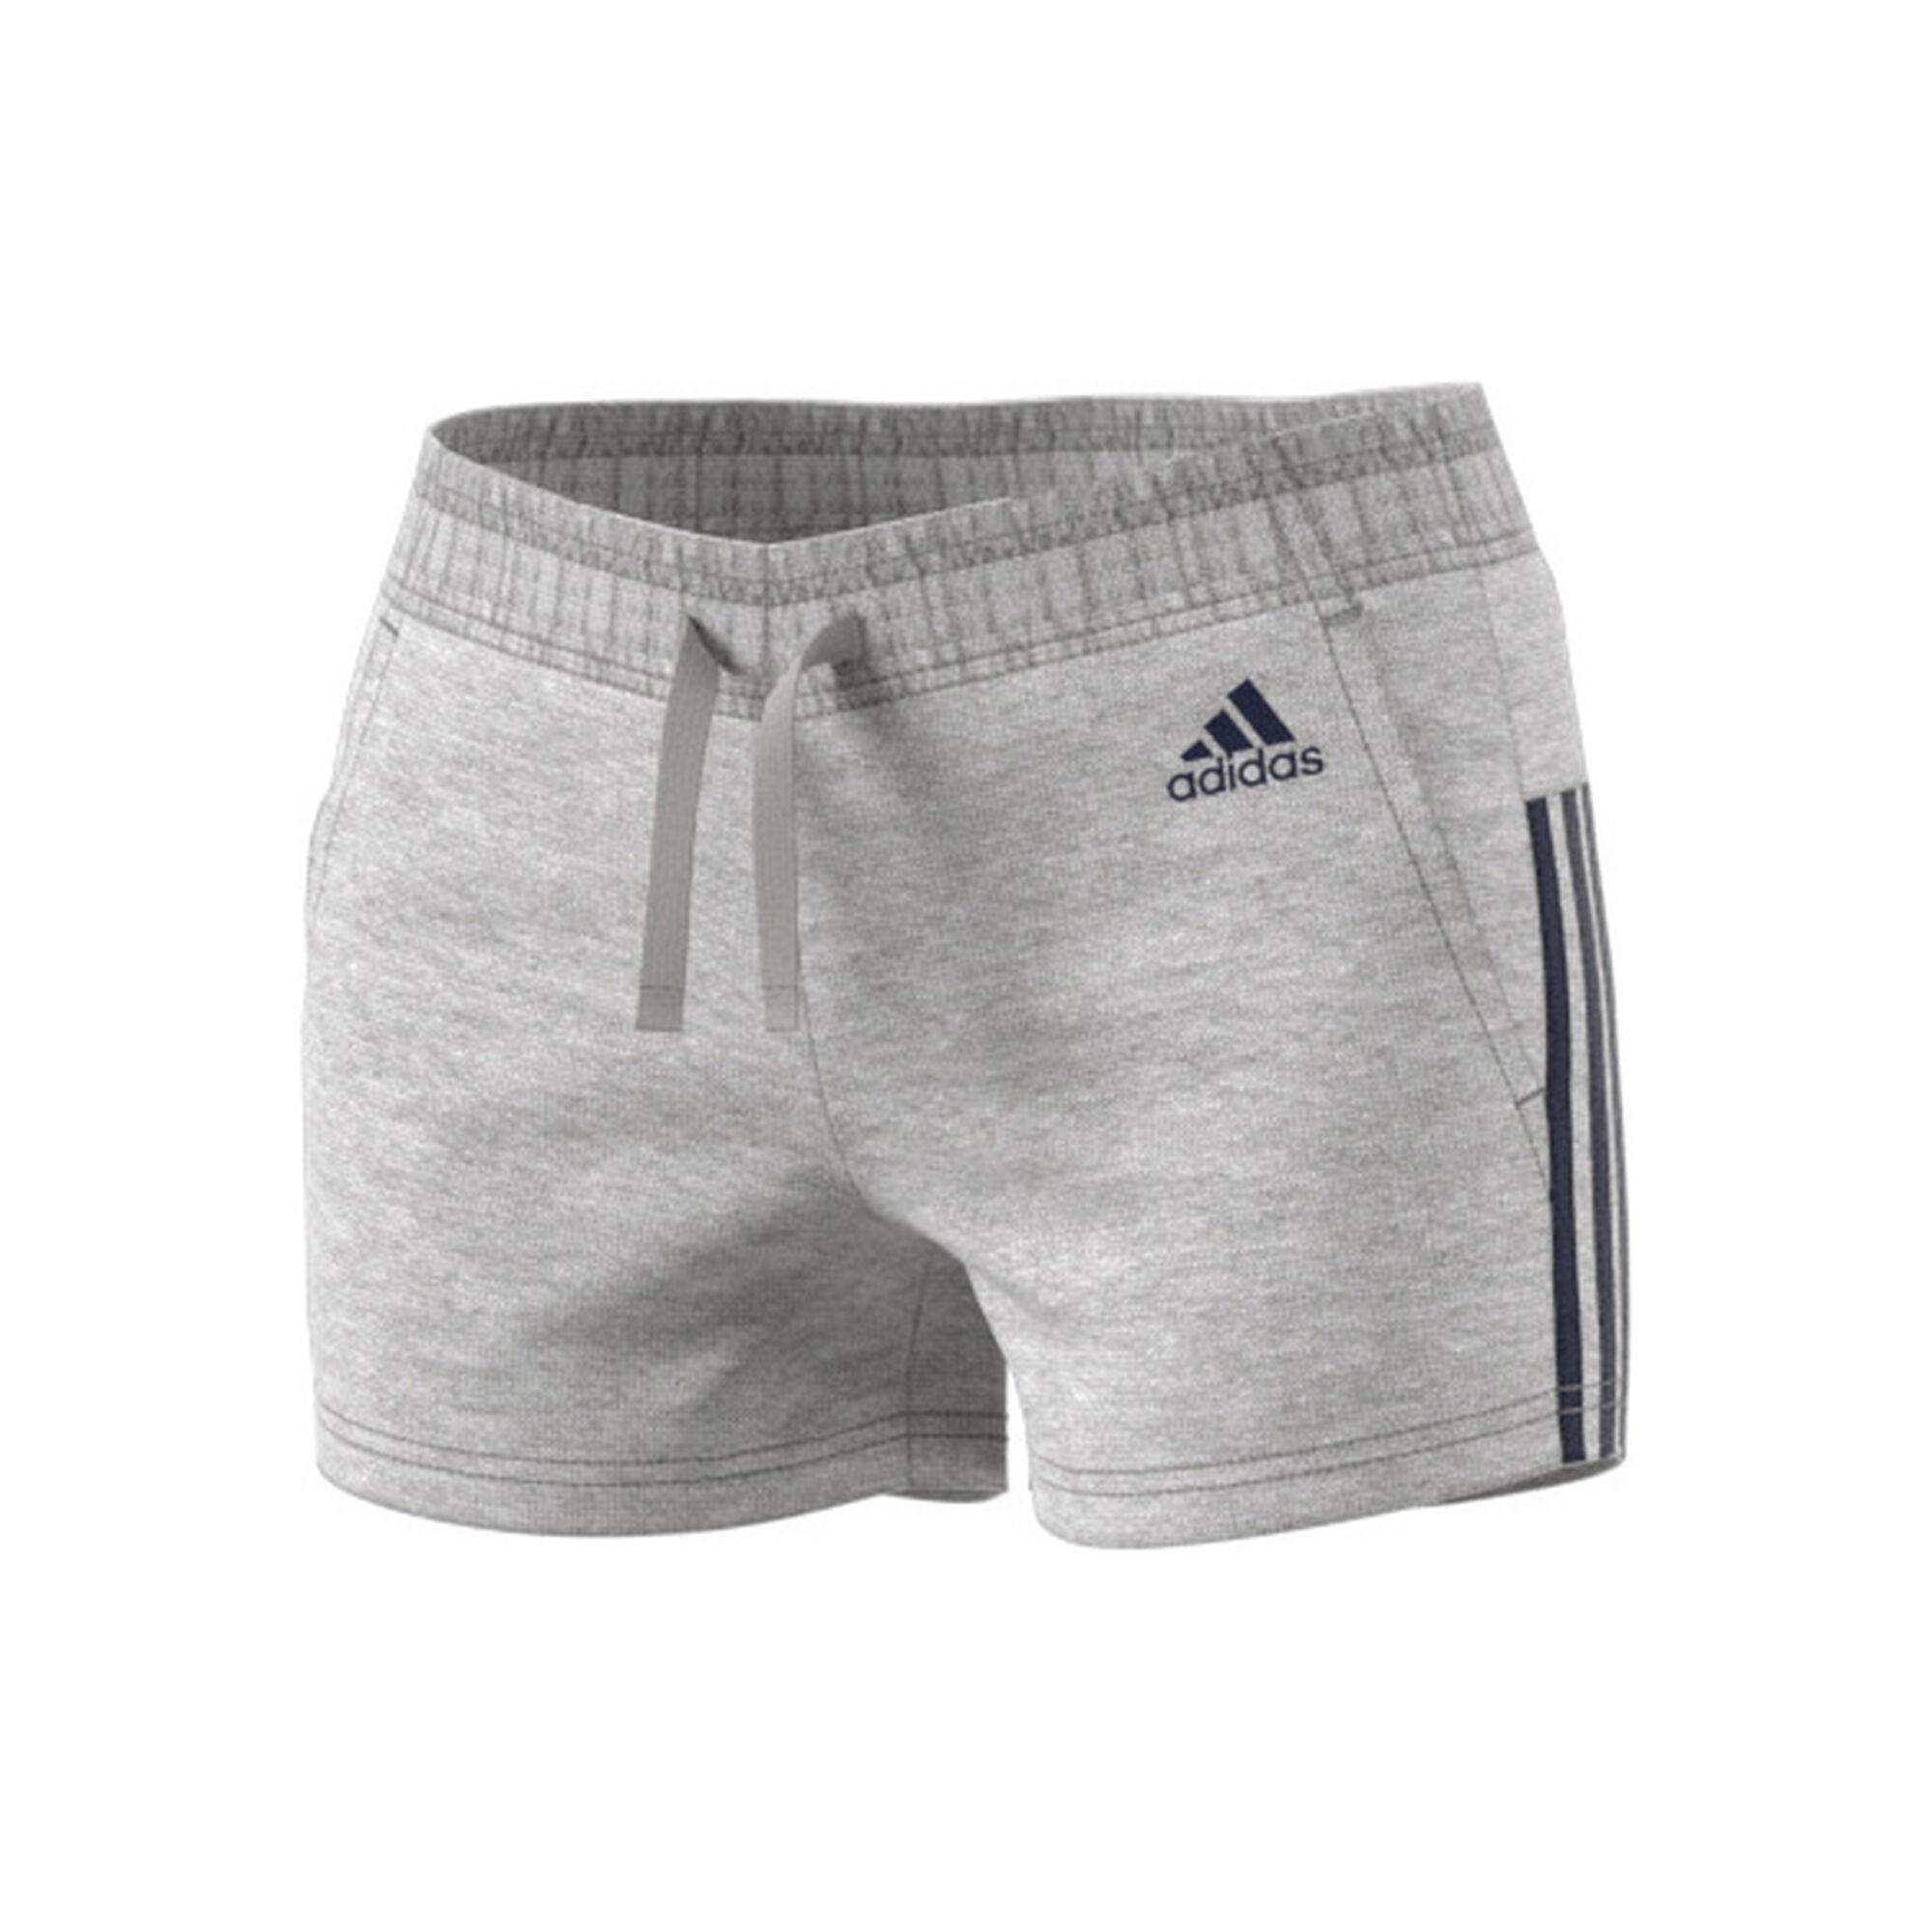 ae82ff7931 buy adidas Essentials 3 Stripes Shorts Women - Lightgrey